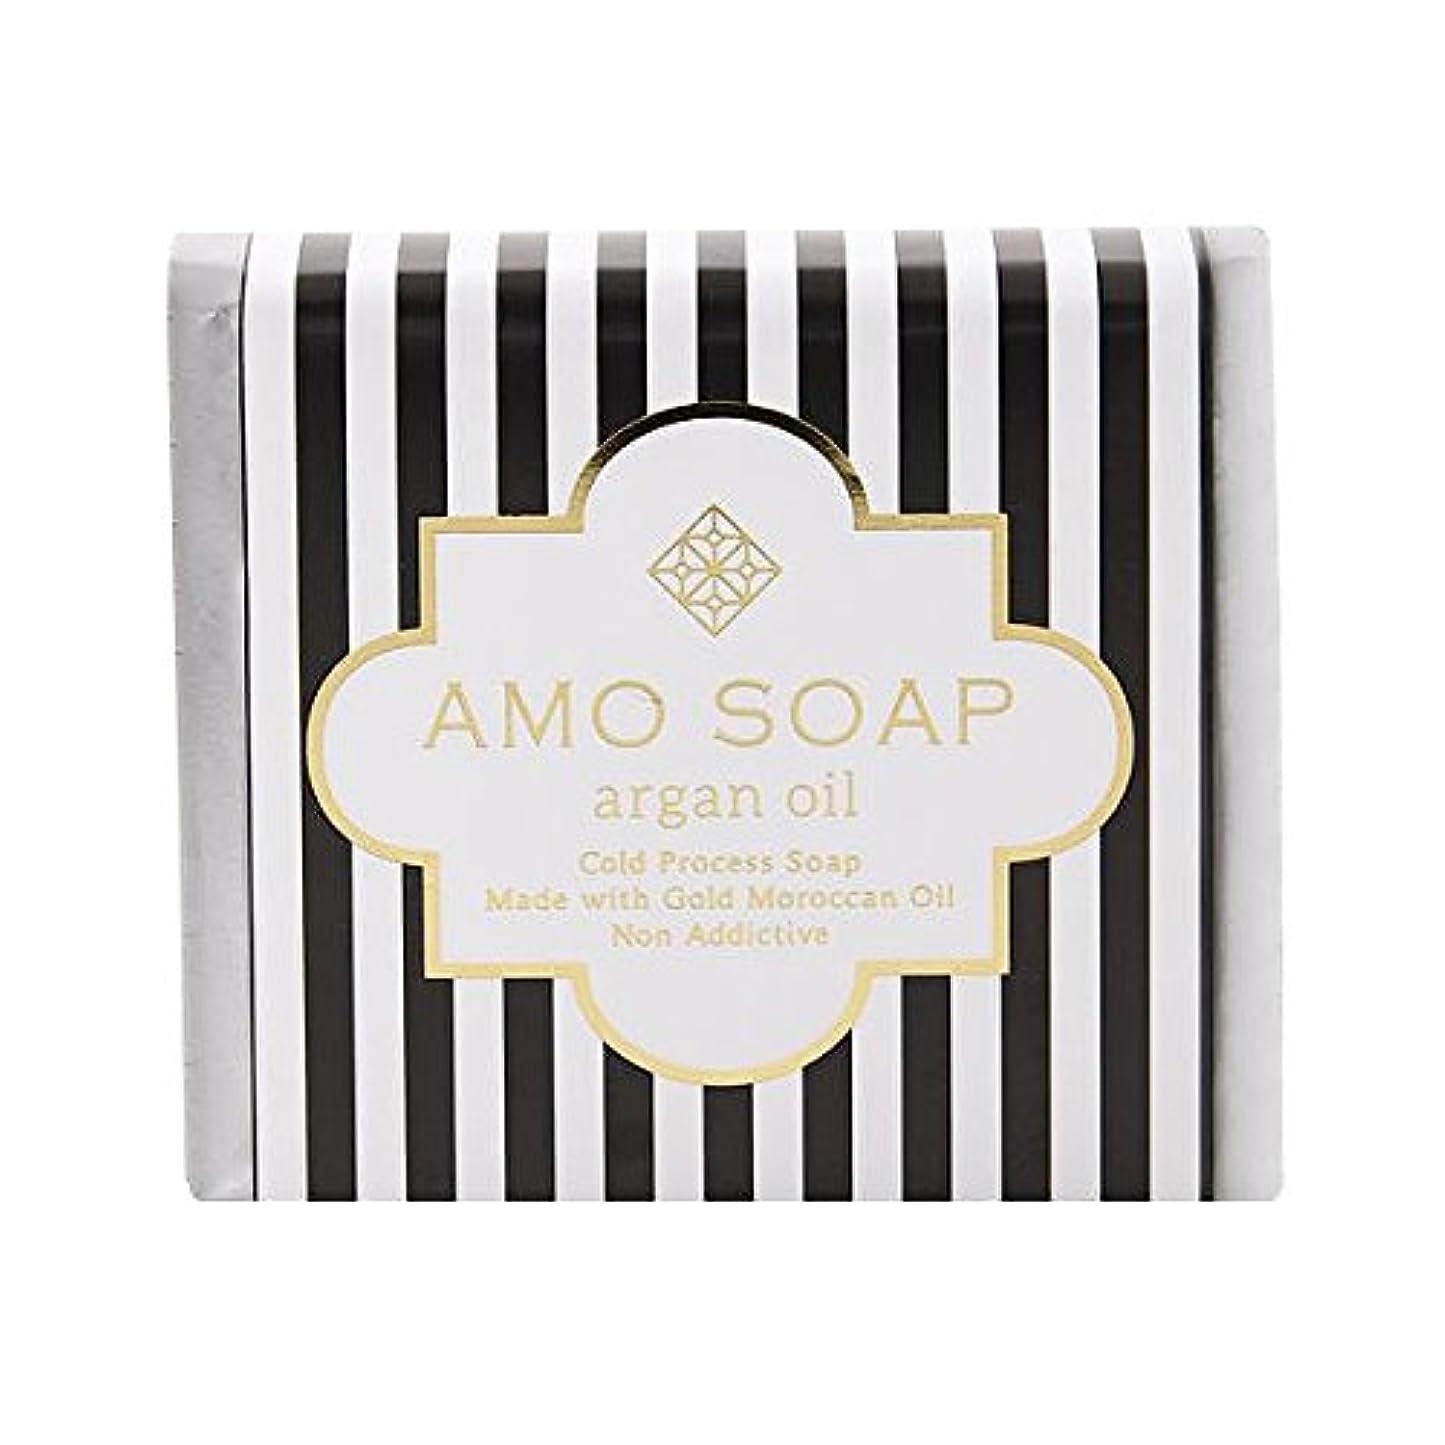 すでに尾ベースAMO SOAP(アモソープ) 洗顔せっけんアルガンオイル配合 1個 コールドプロセス製法 日本製 エイジングケア オリーブオイル シアバター